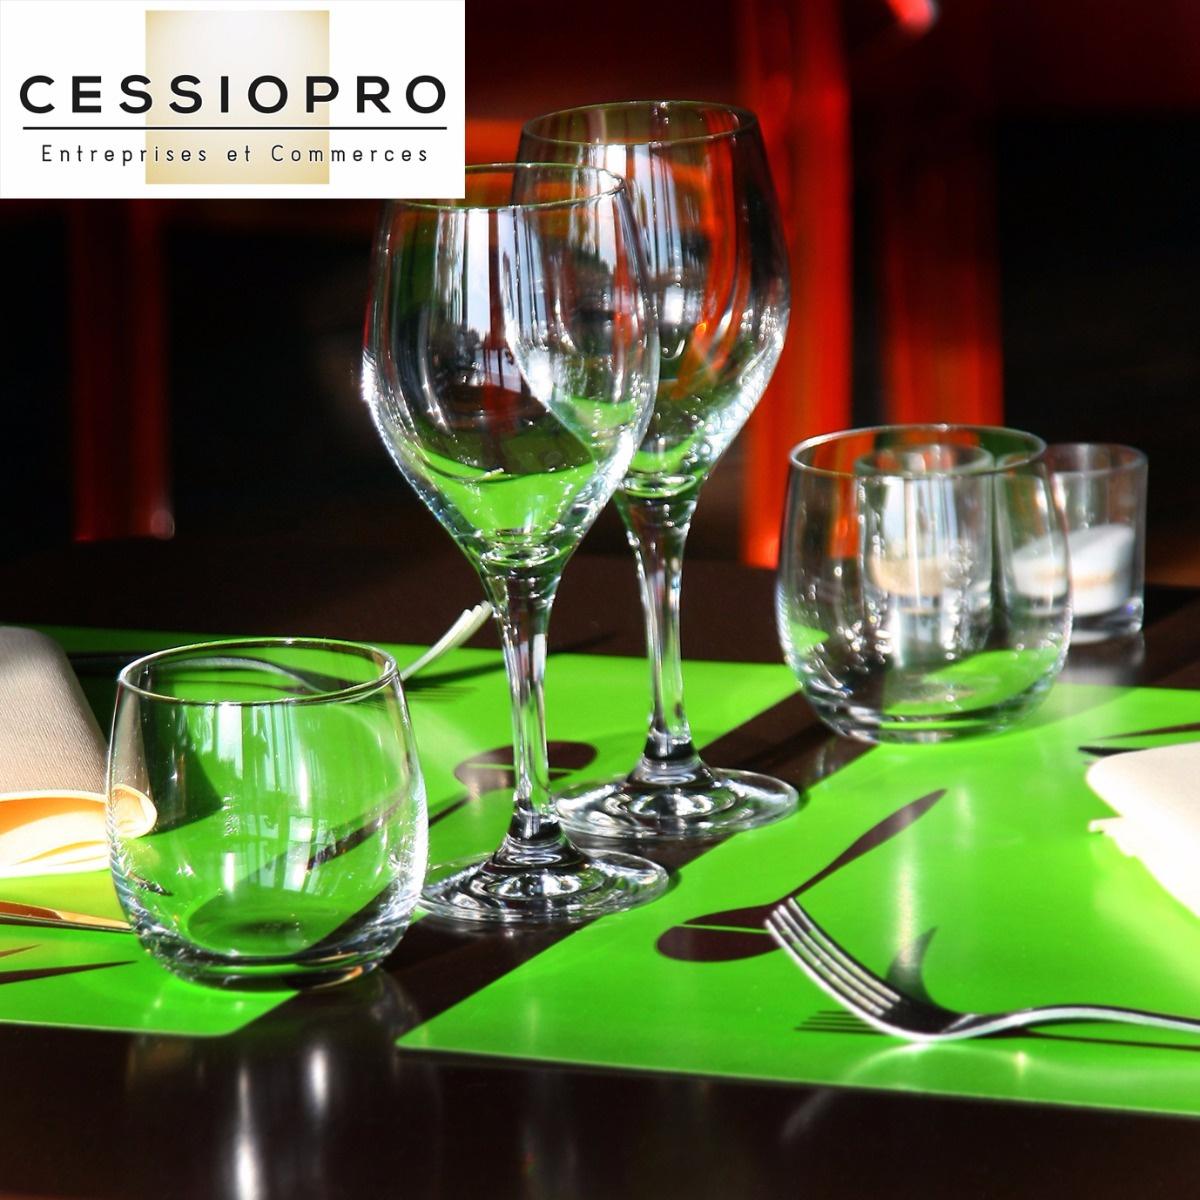 RESTAURANT DE CHARME AVEC APPARTEMENT DE FONCTION. ARRIERE-PAYS PROCHE CANNES - Restaurant